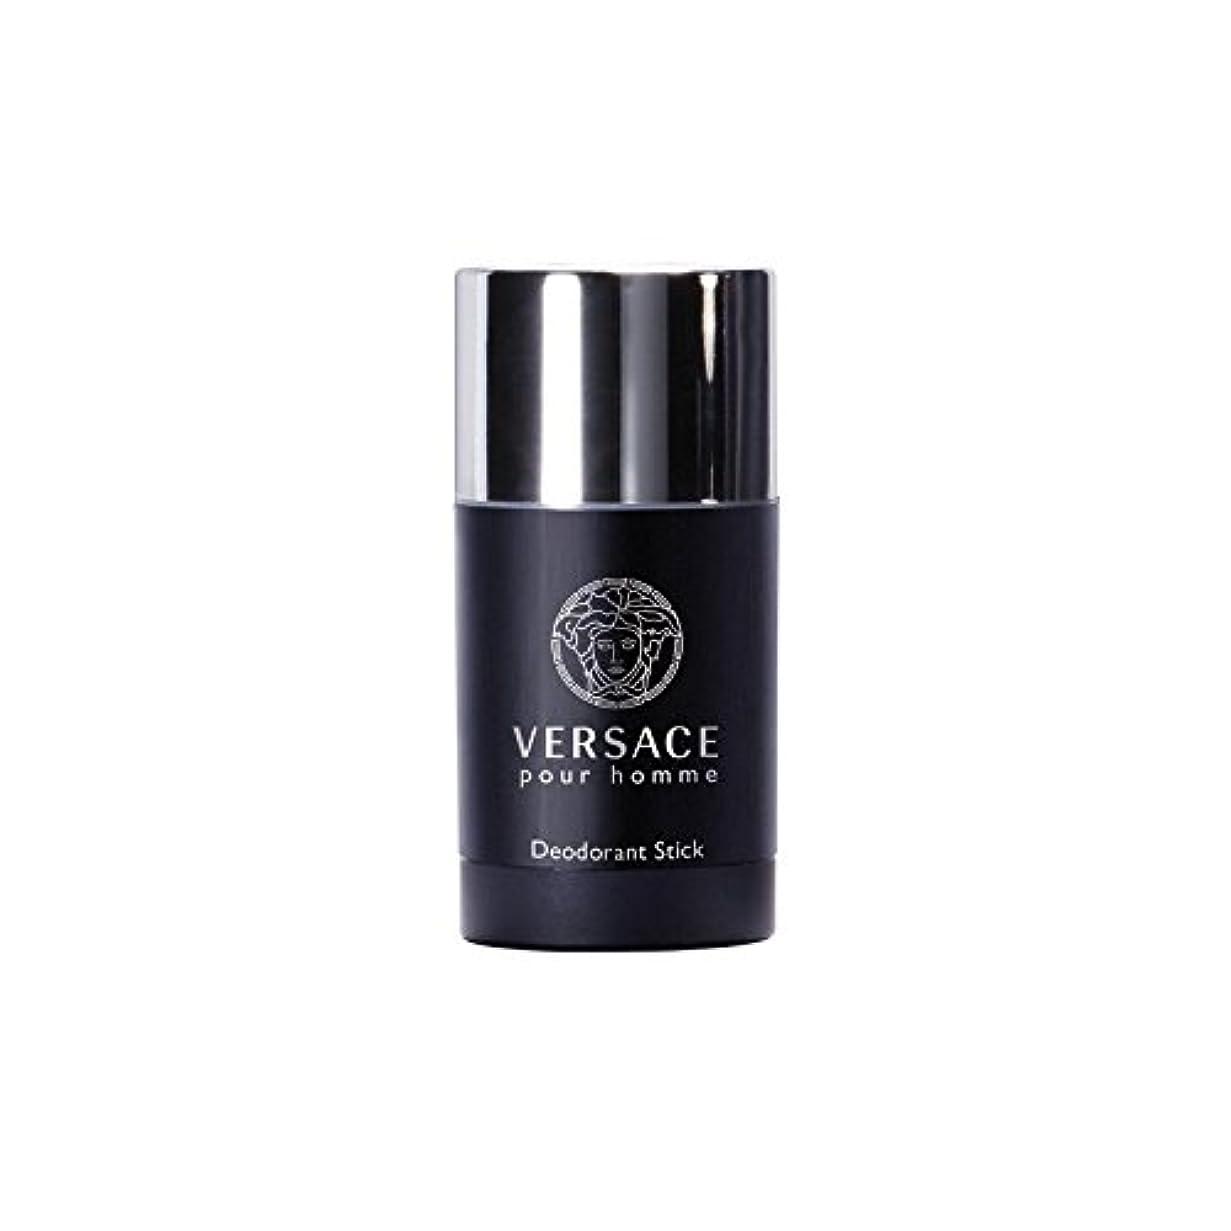 君主うなずくたくさんのVersace Pour Homme Deodorant Stick (75ml) (Pack of 6) - ヴェルサーチプールオムデオドラントスティック(75ミリリットル)を注ぎます x6 [並行輸入品]